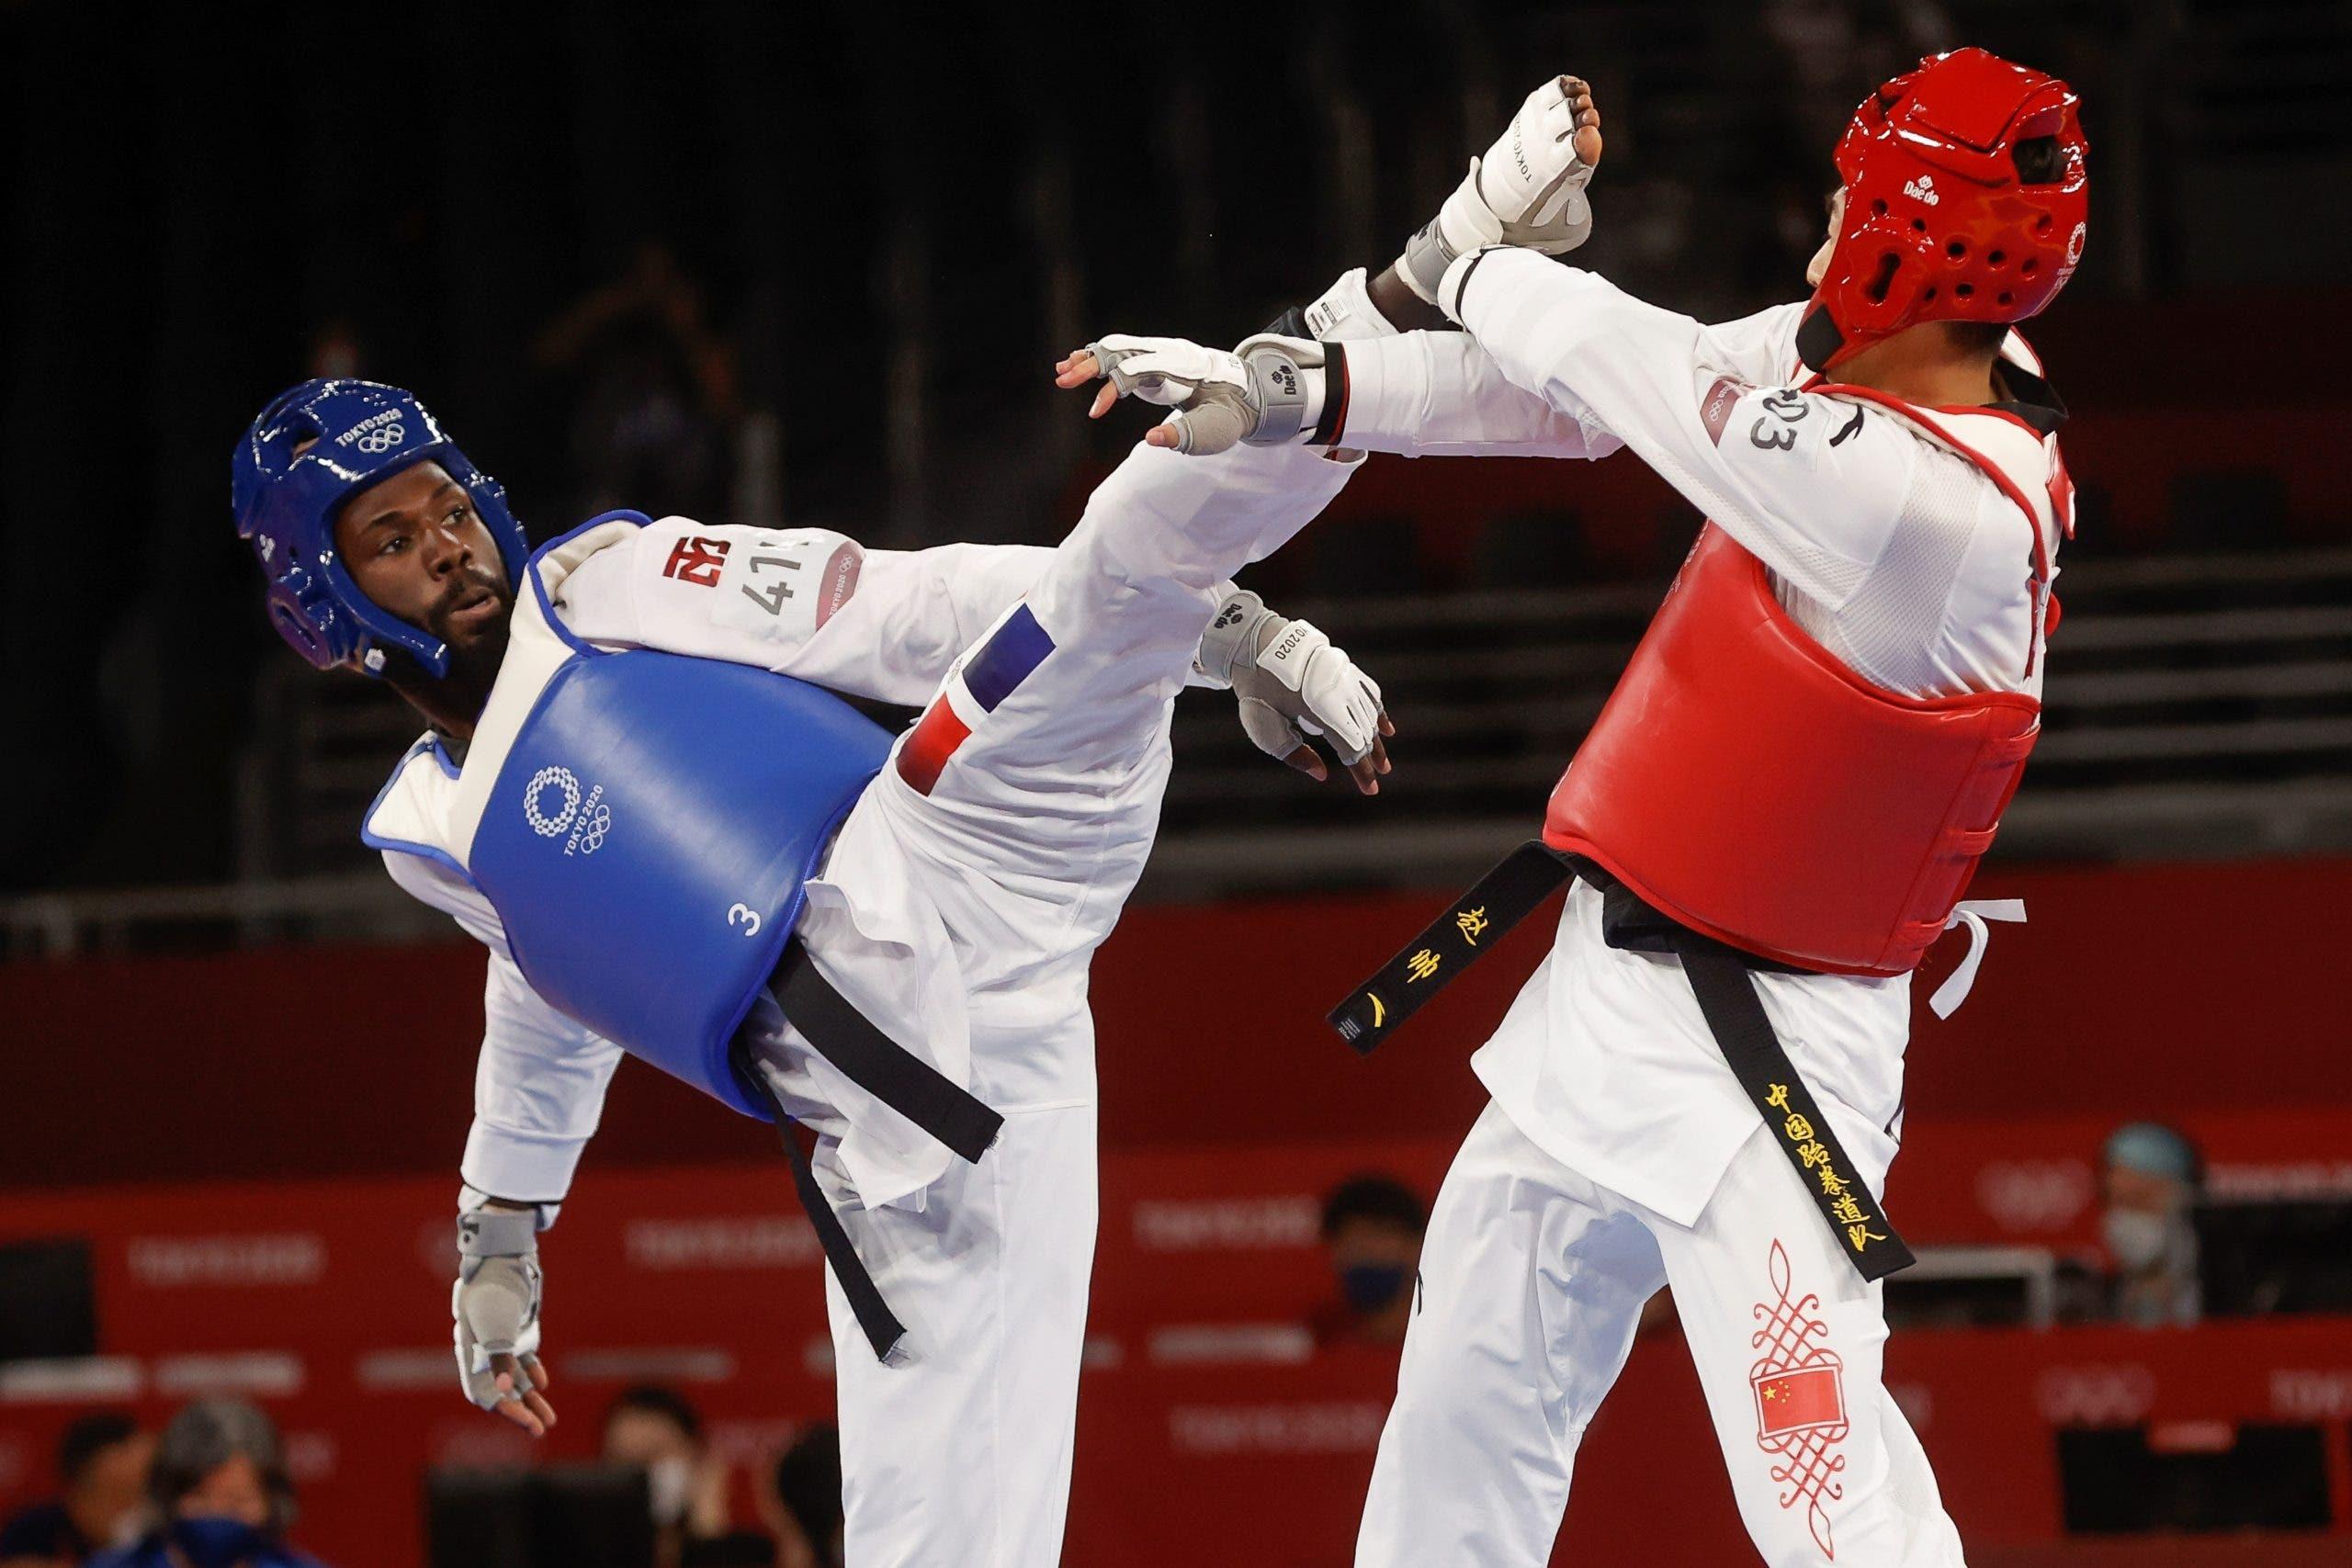 Bernardo Pie avanza a cuartos de final en taekwondo en Juegos Olímpicos de Tokio